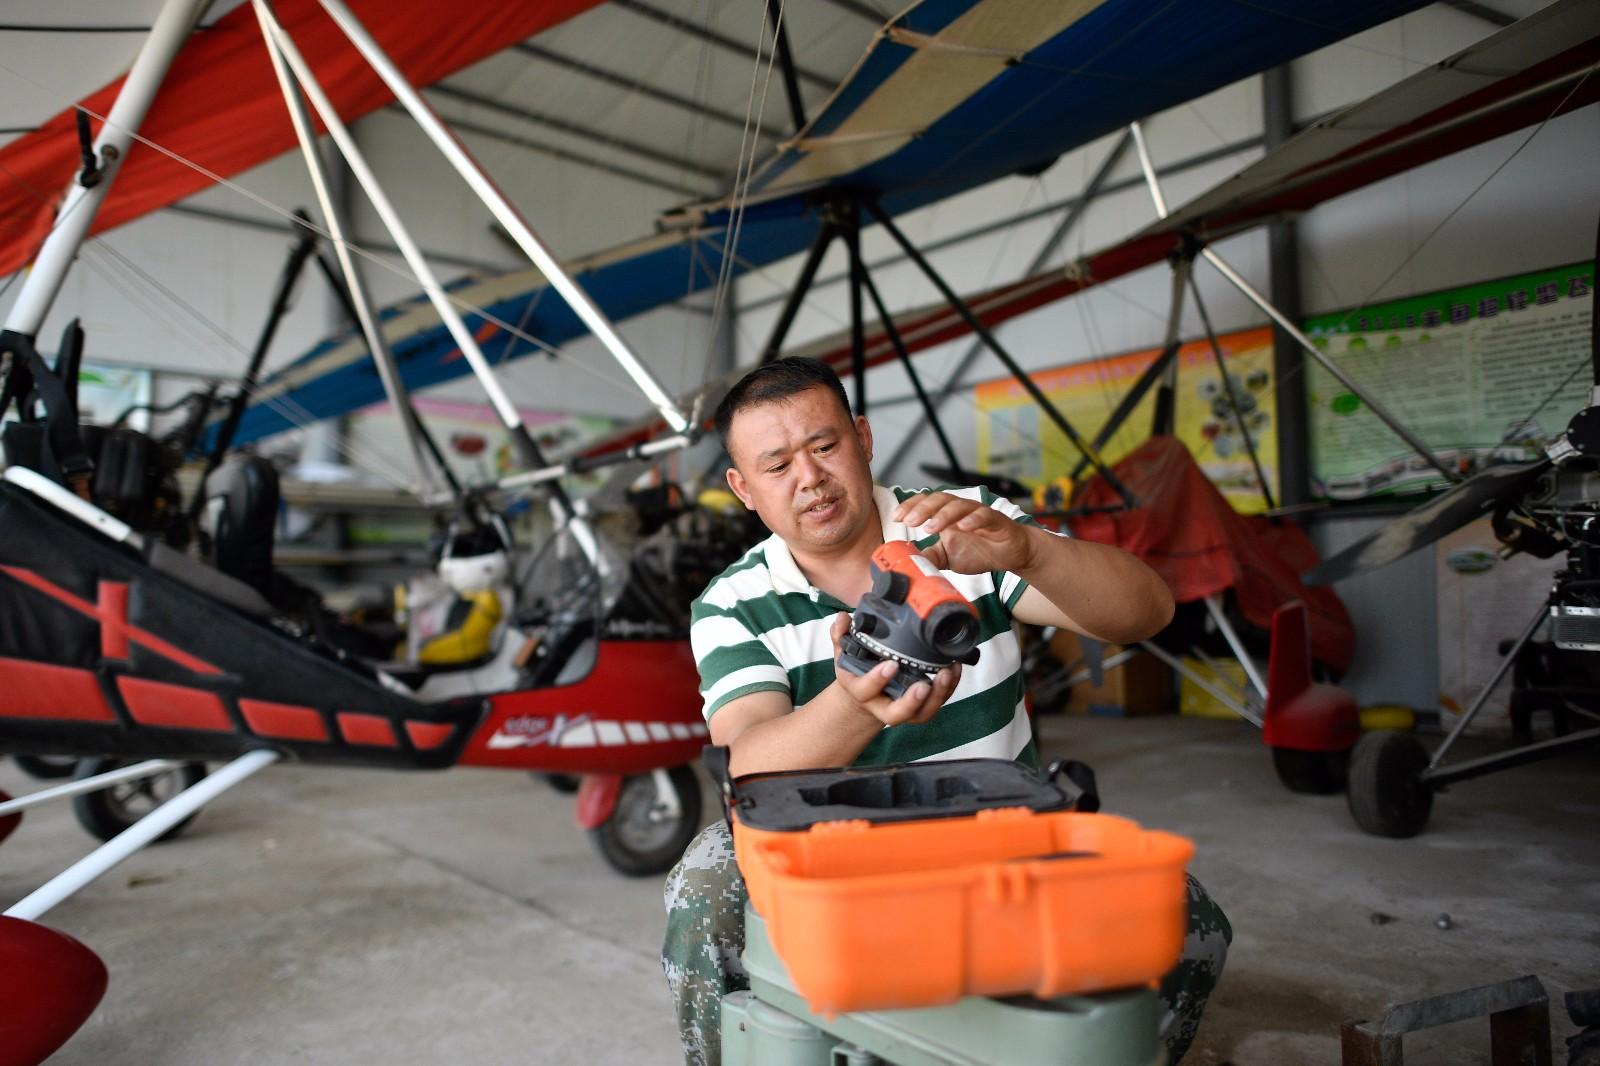 刘亦兵在飞行营地对飞行设备进行维护(6月21日摄)。